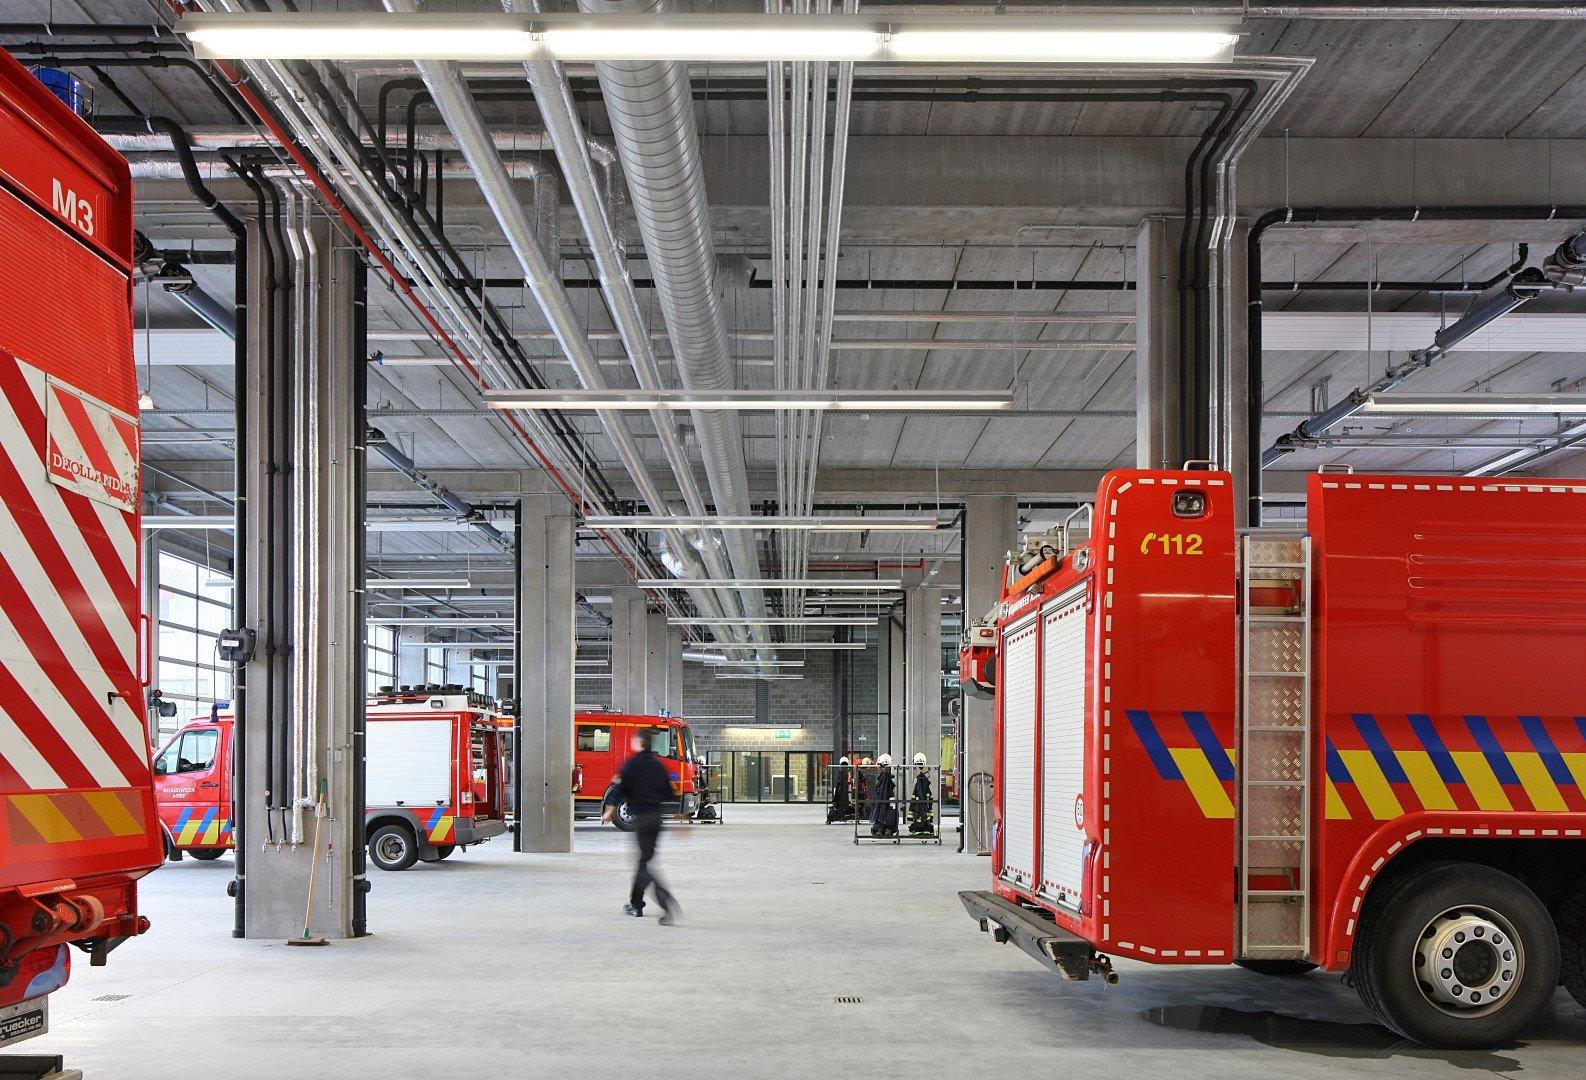 Brandweer AsseHR1 (Large).jpg